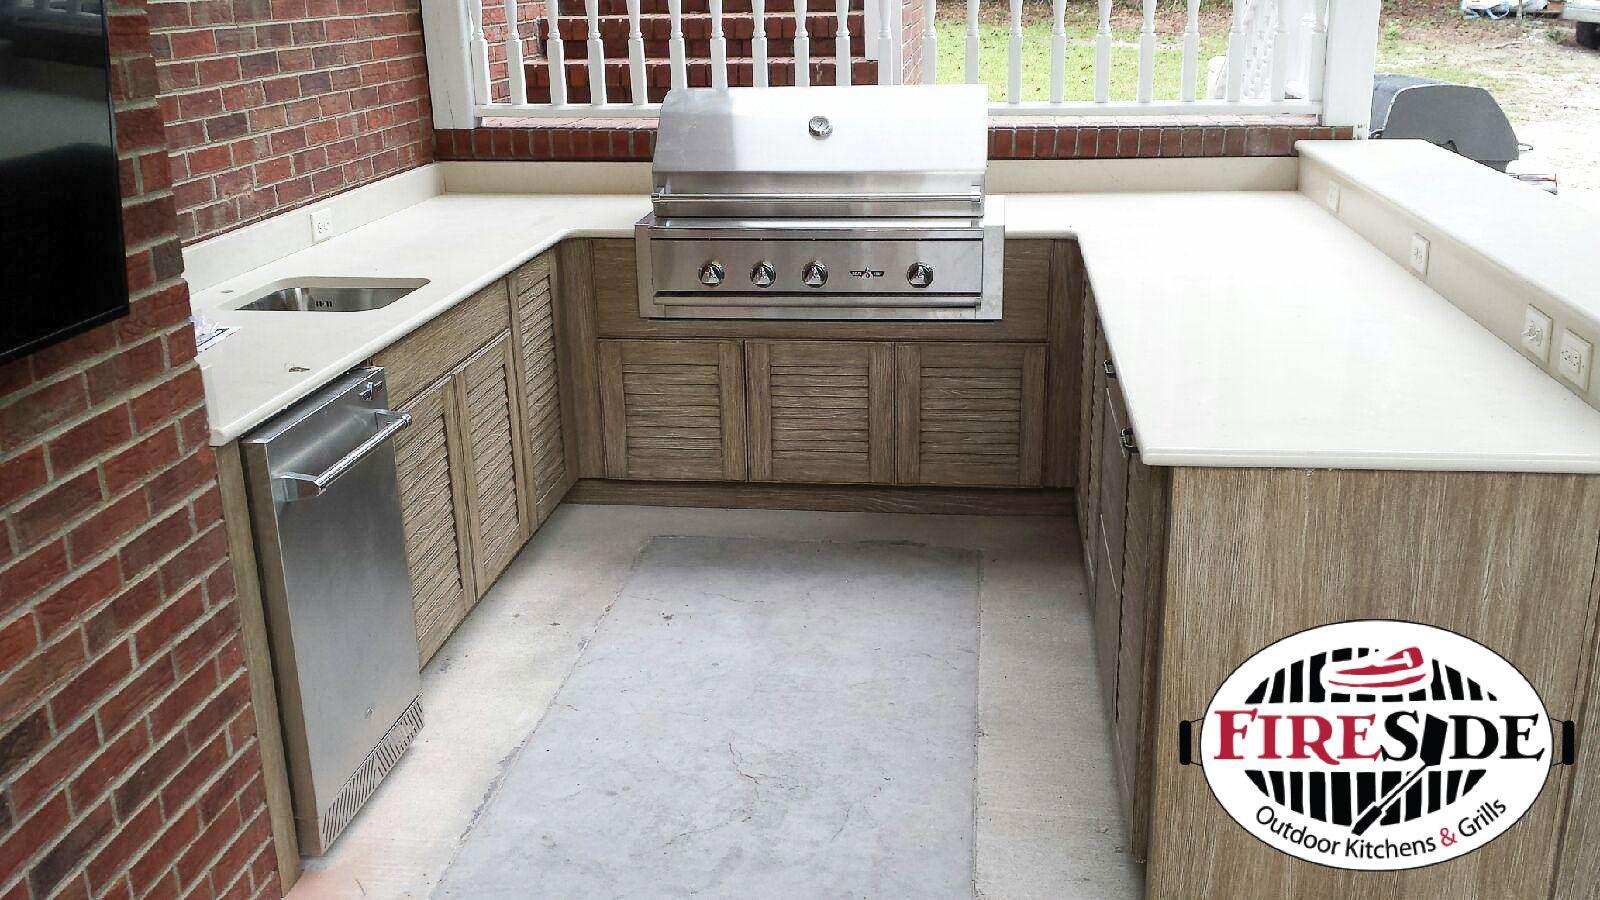 Naturkast Cabinetry Delta Heat 38 Gas Grill Delta Heat Refrigerator Kitchen Grill Outdoor Grills Outdoor Kitchen